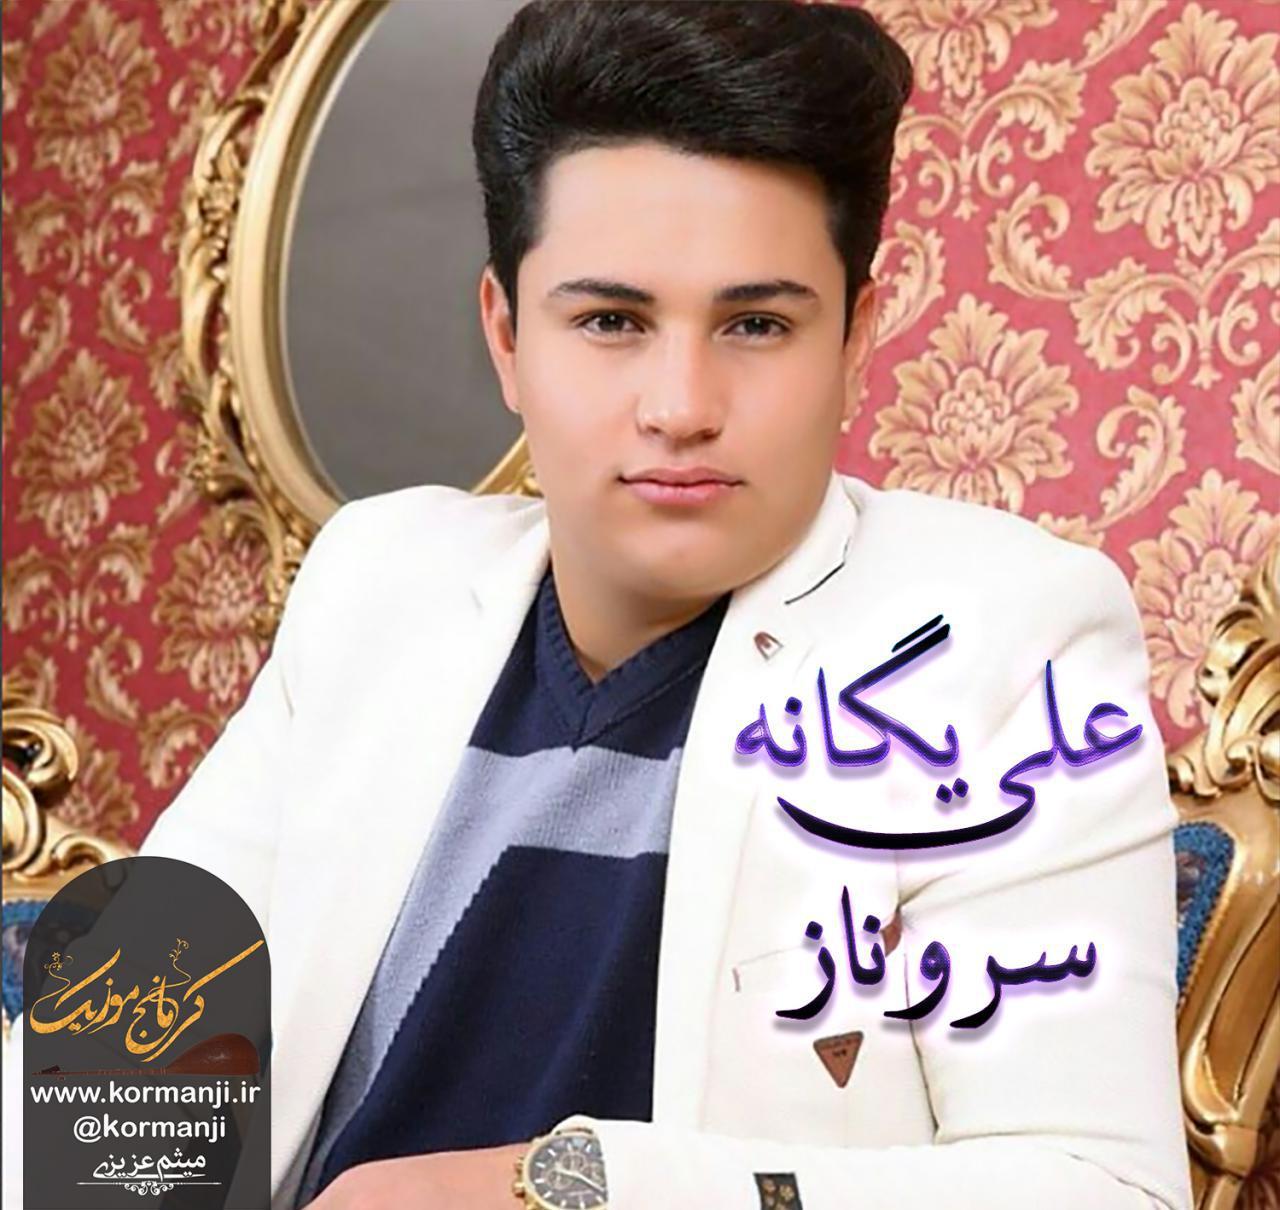 آهنگ جدید از علی یگانه به نام سروناز در کرمانج موزیک